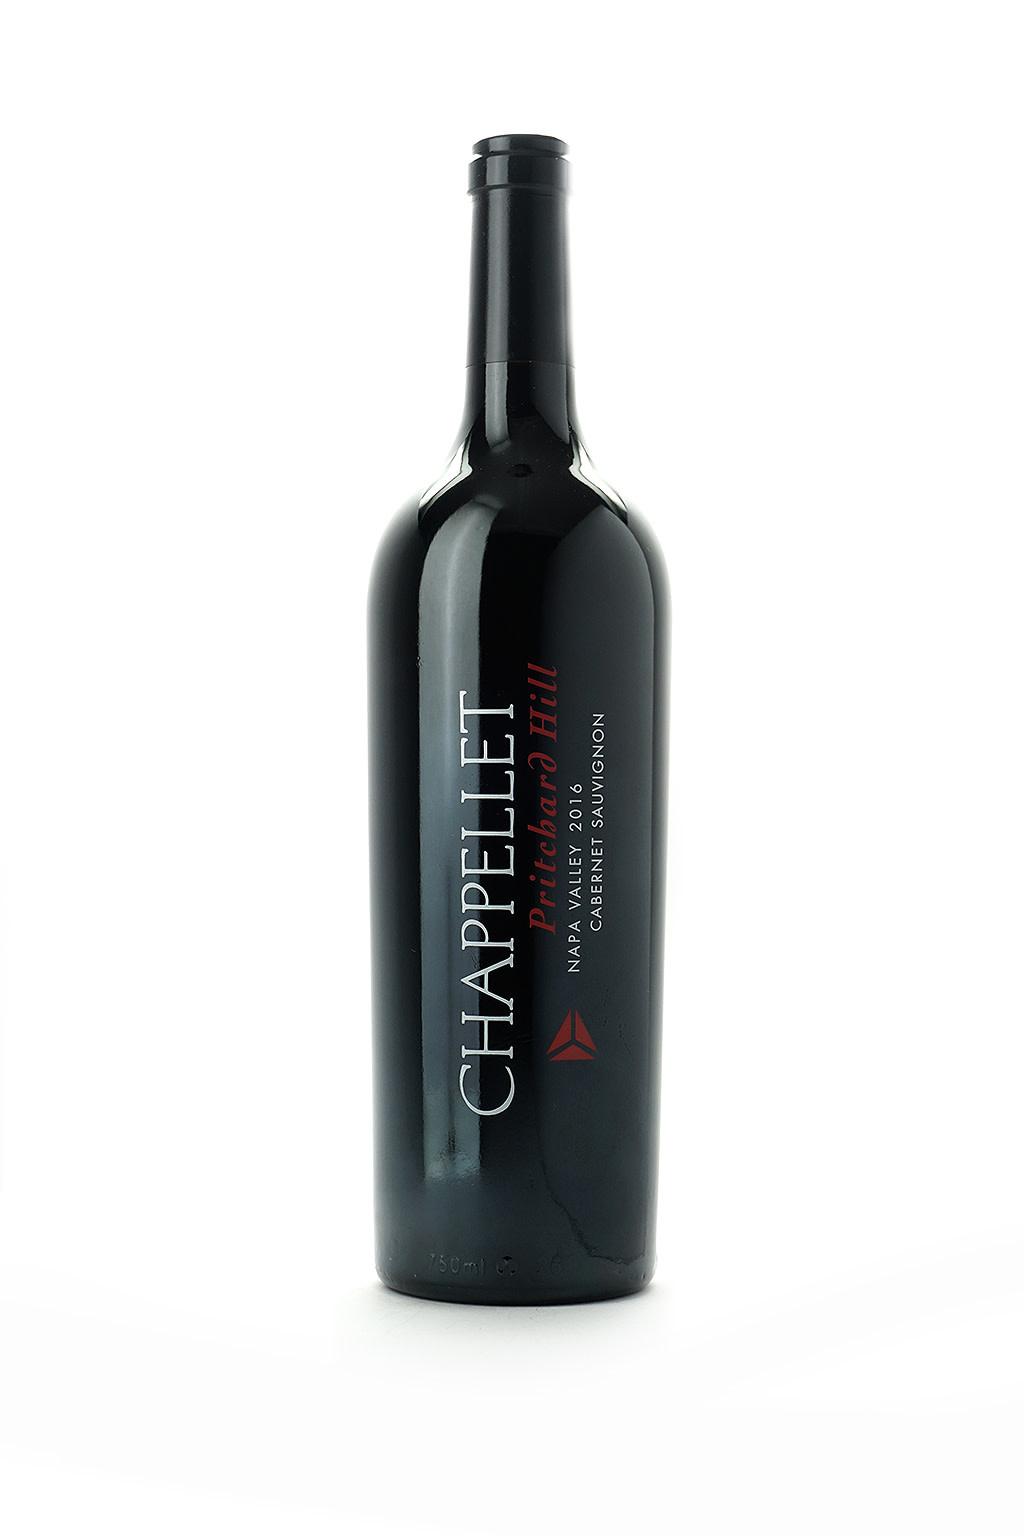 Chappellet Cabernet Sauvignon Pritchard Hill 2016